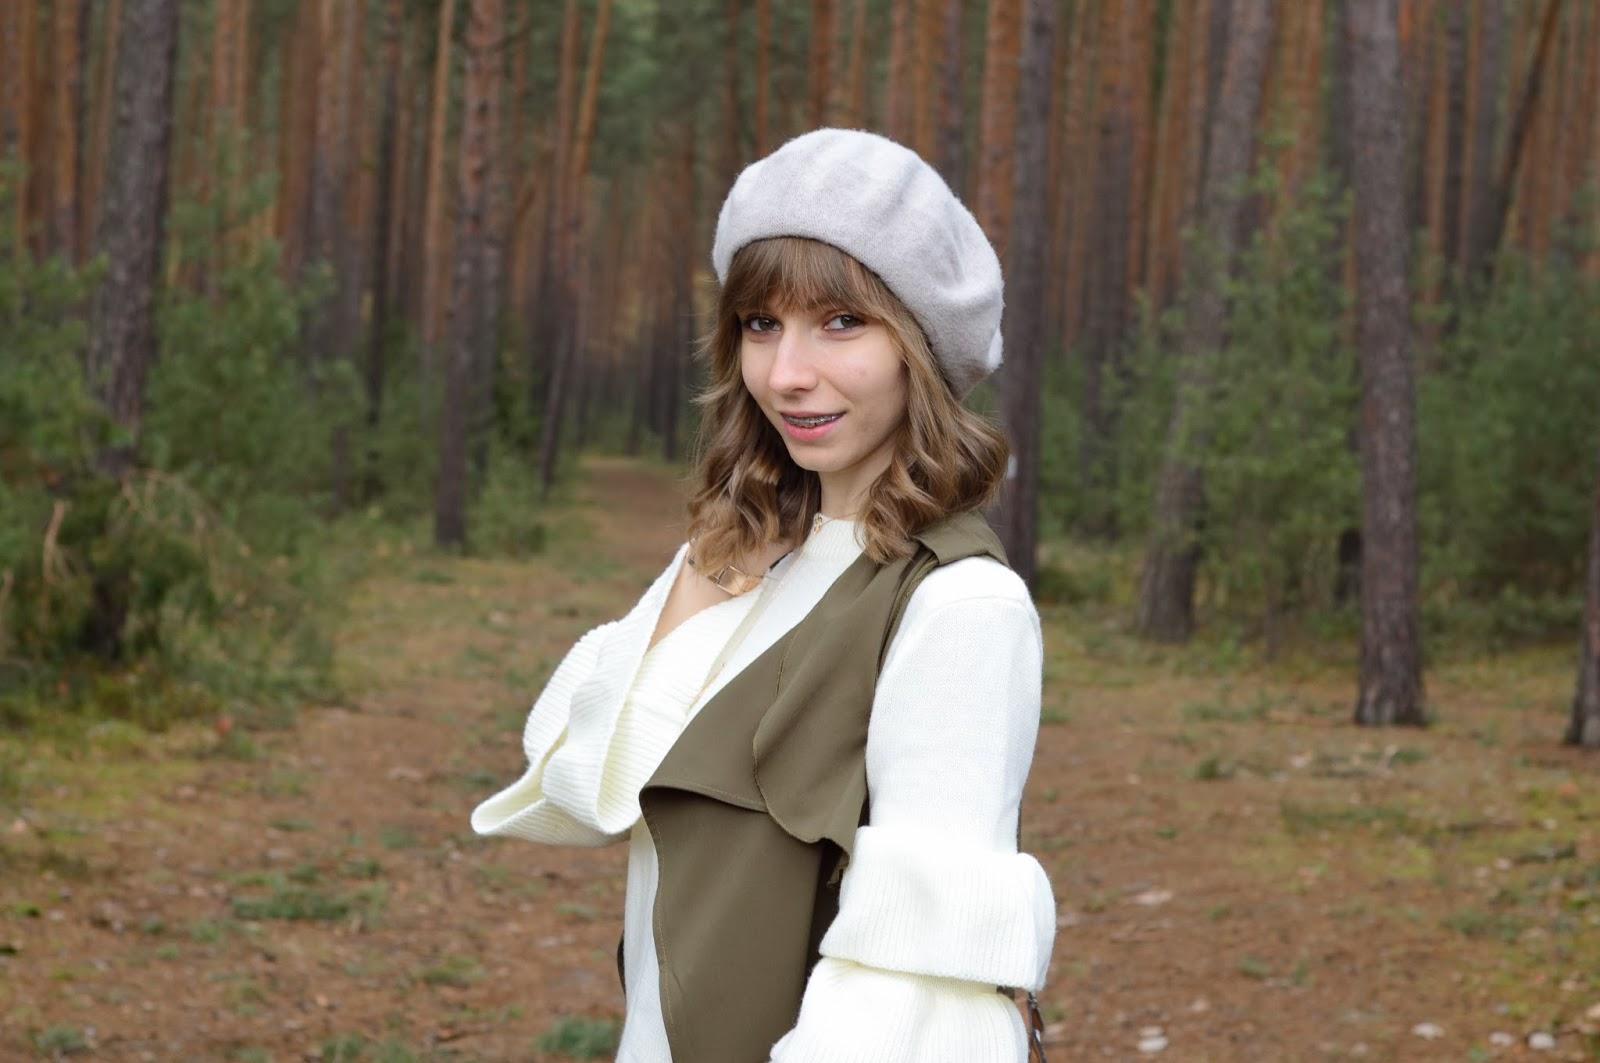 Sweter z falbanami na rękawach | Jesienny look w kolorach ziemi | szary beret